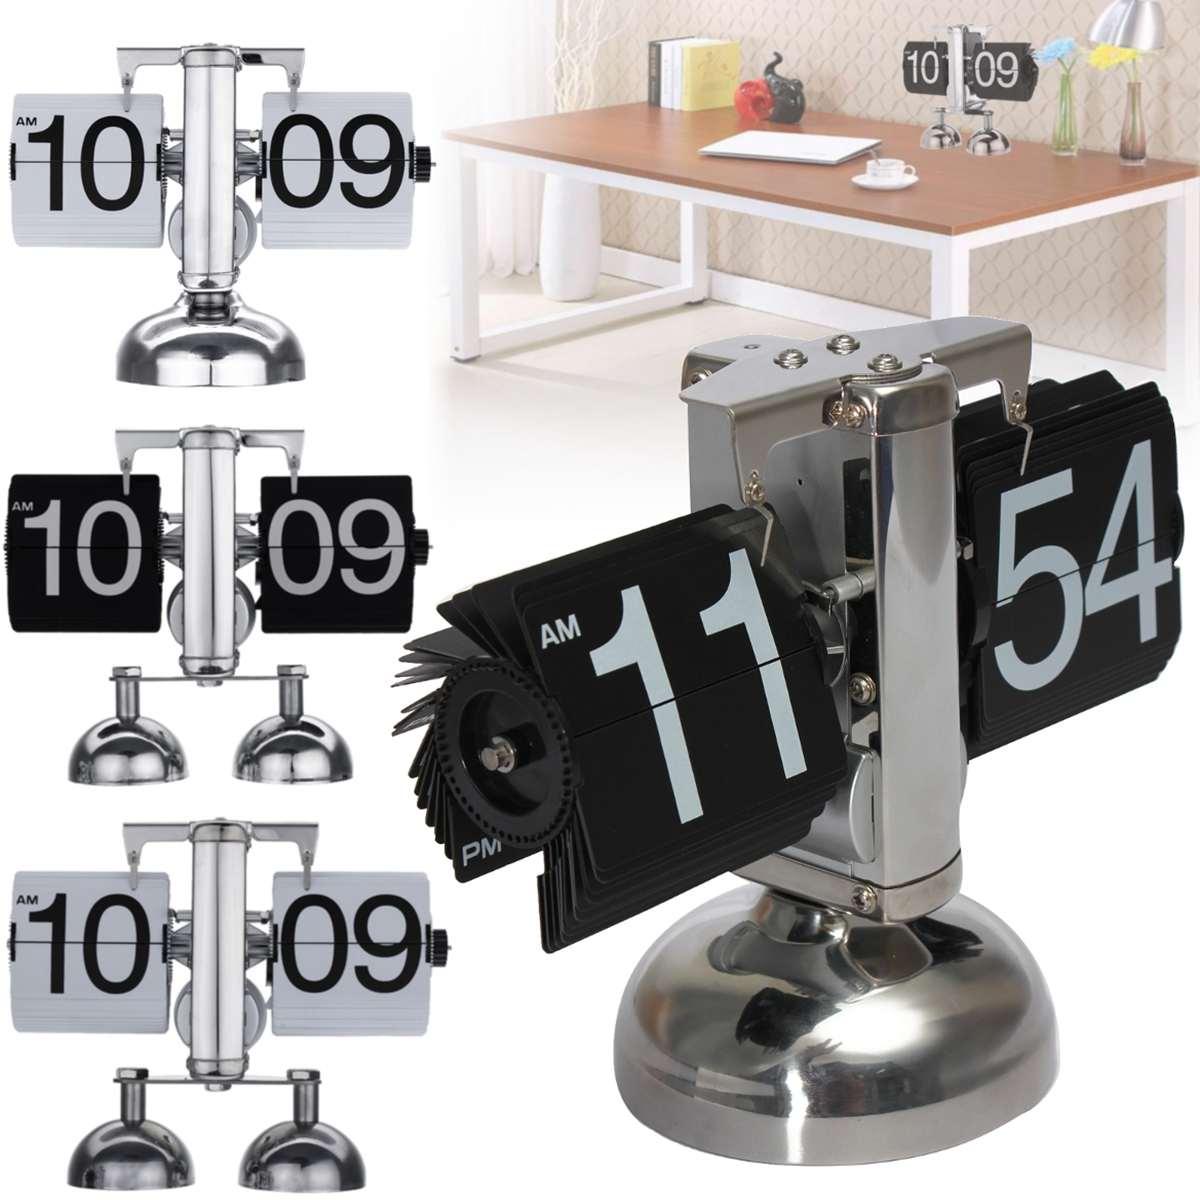 Digital Auto Flip Clock Retro Vintage Style Down Metal Single Double Stand Table Clock Unique automatic flip design Quartz Clock